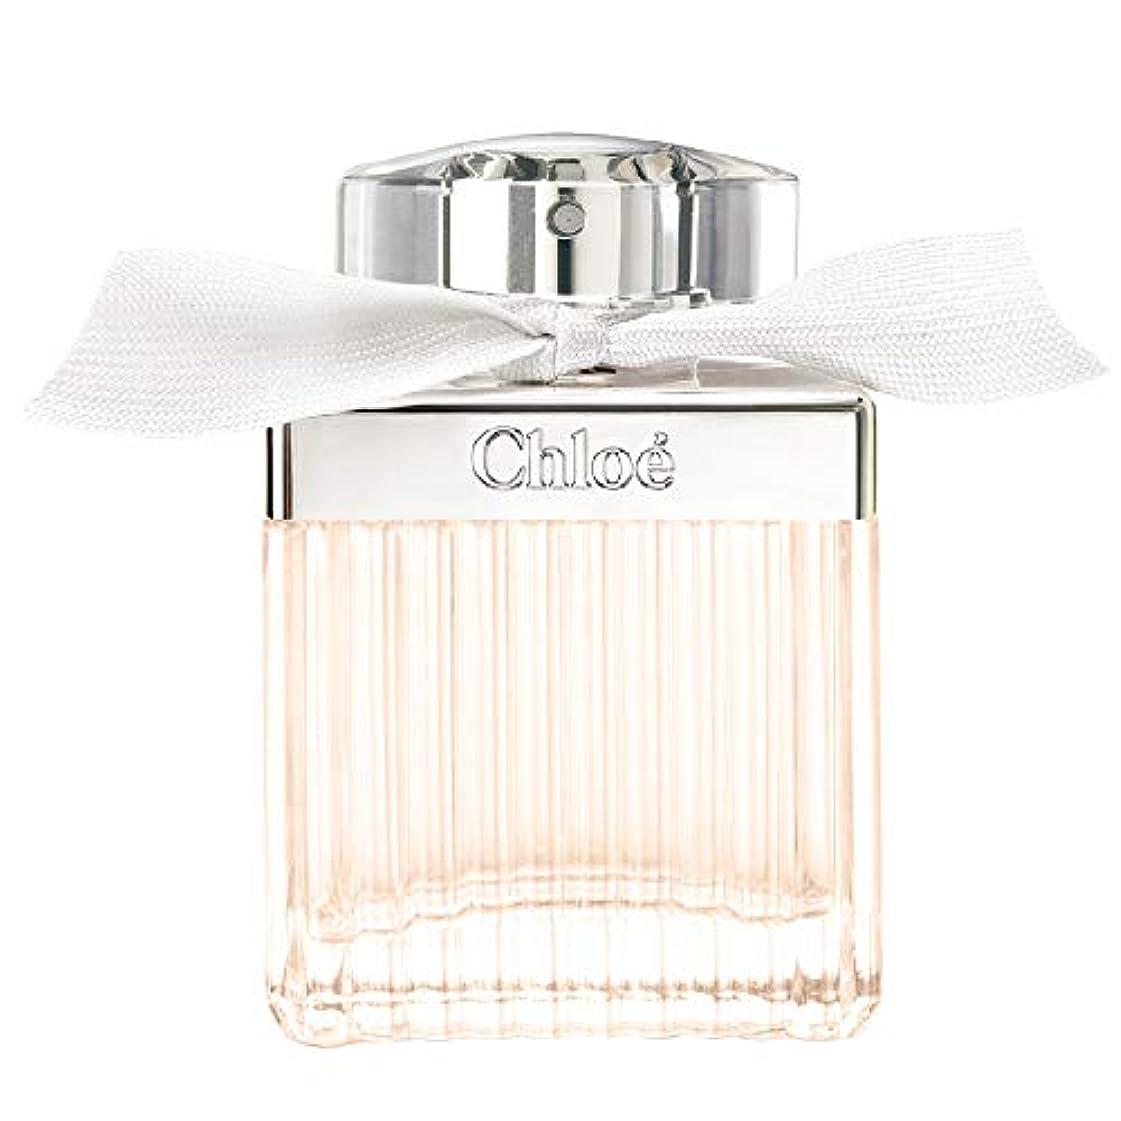 睡眠完全に乾く昇るクロエ chloe オードパルファム 75ml EDP レディース 香水 フレグランス 女性用 [並行輸入品]